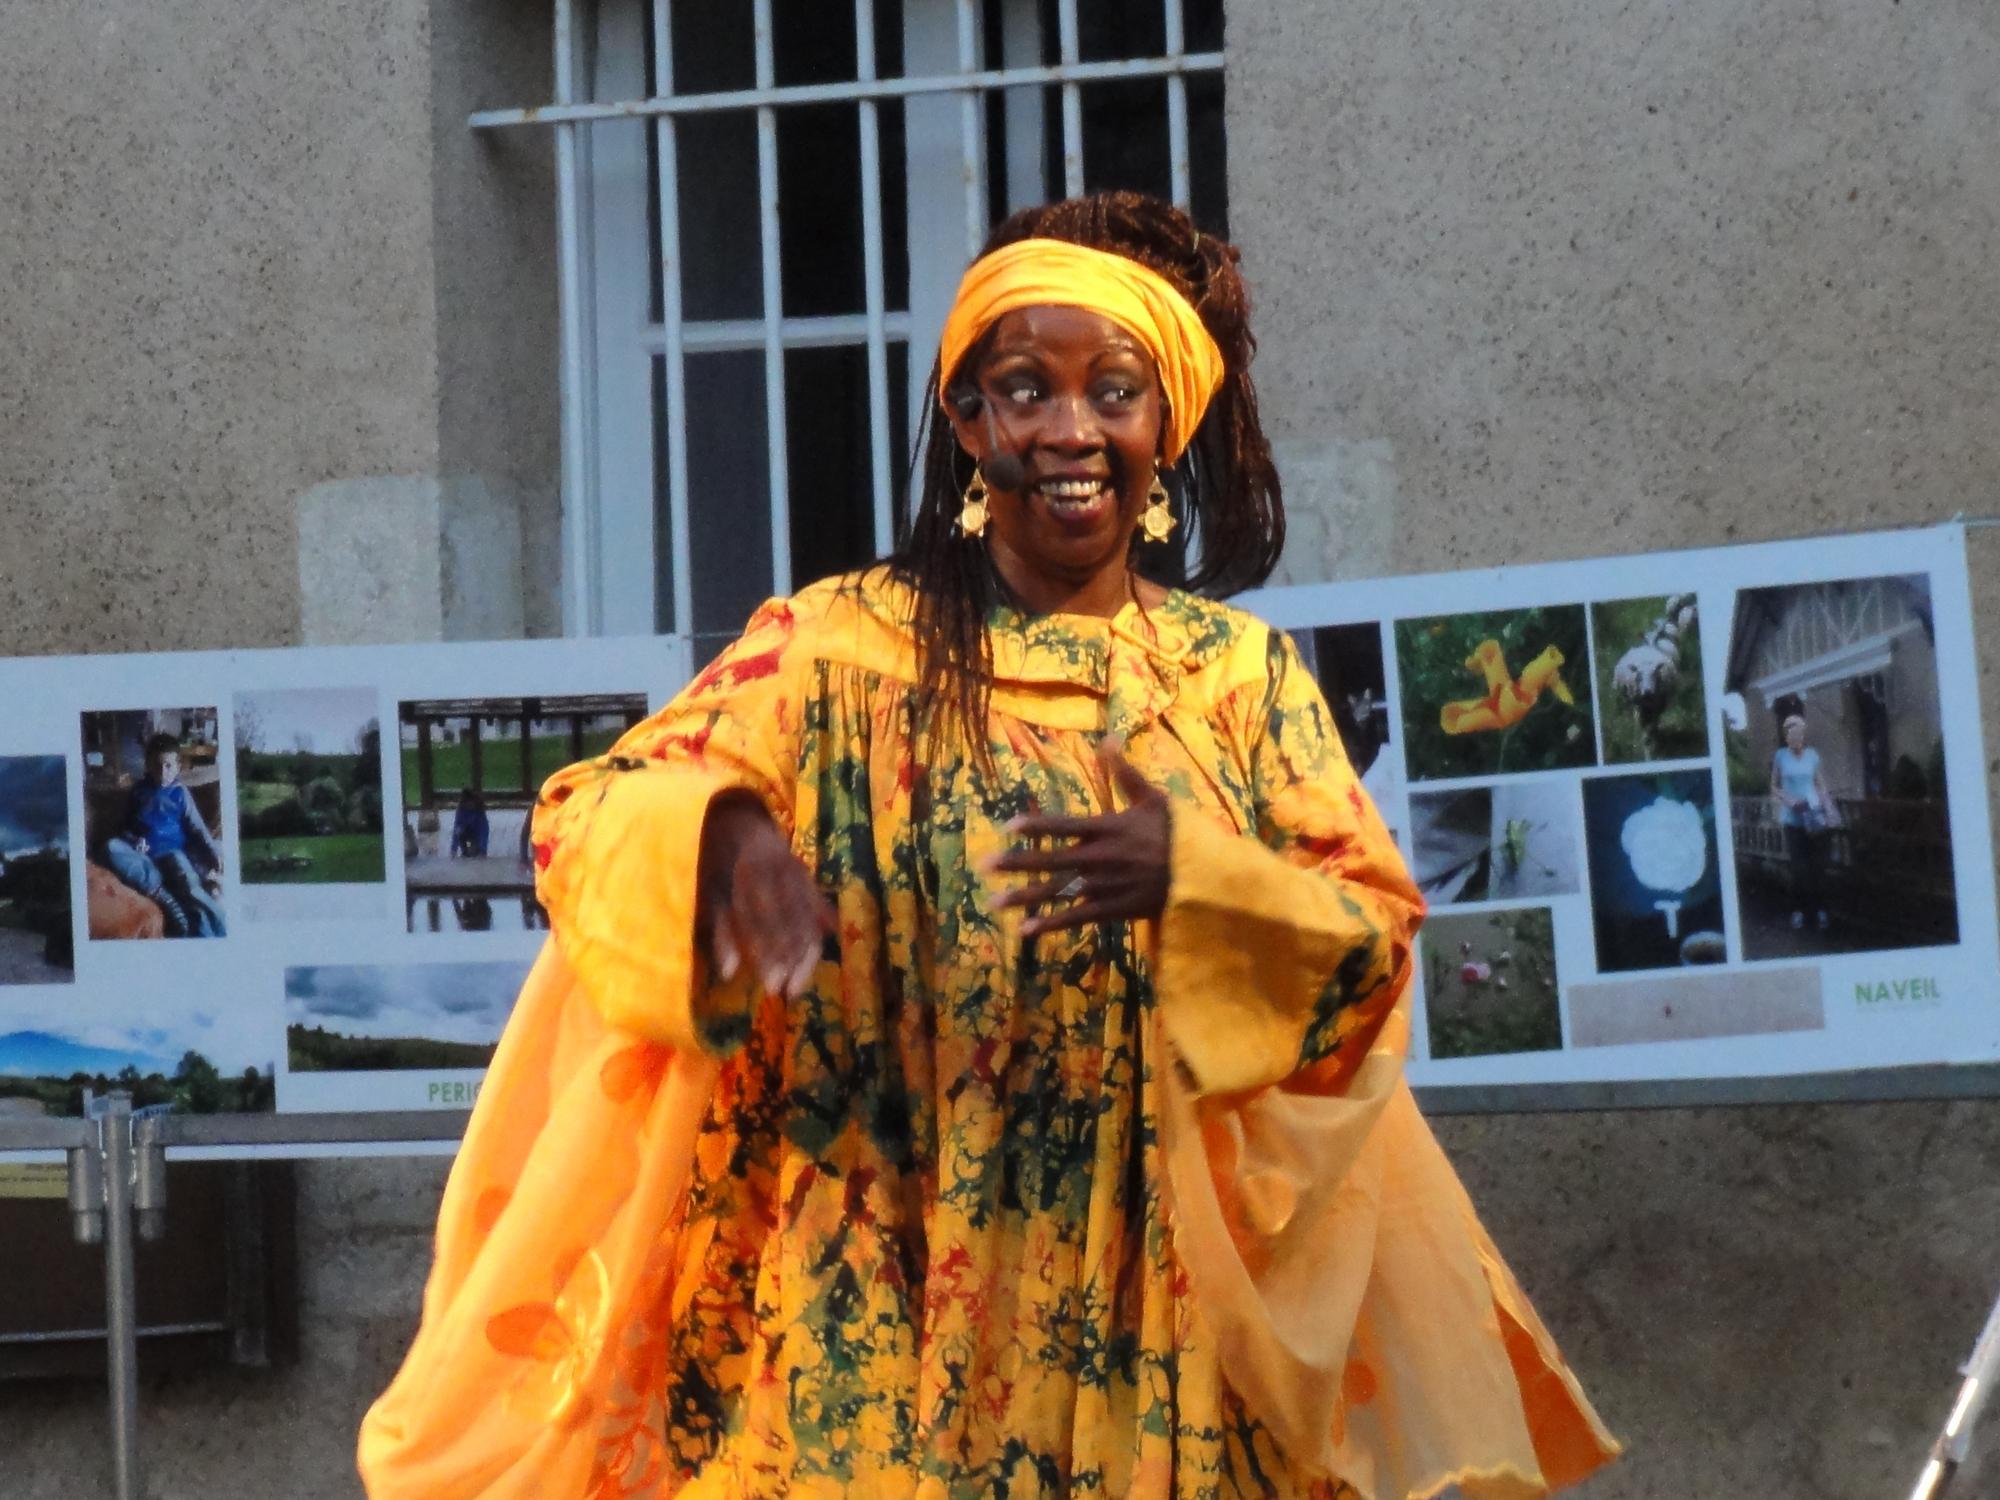 Catherine Ahonkoba, Międzynarodowy Festiwal Sztuki Opowiadania (źródło: dzięki uprzejmości organizatora Festiwalu)